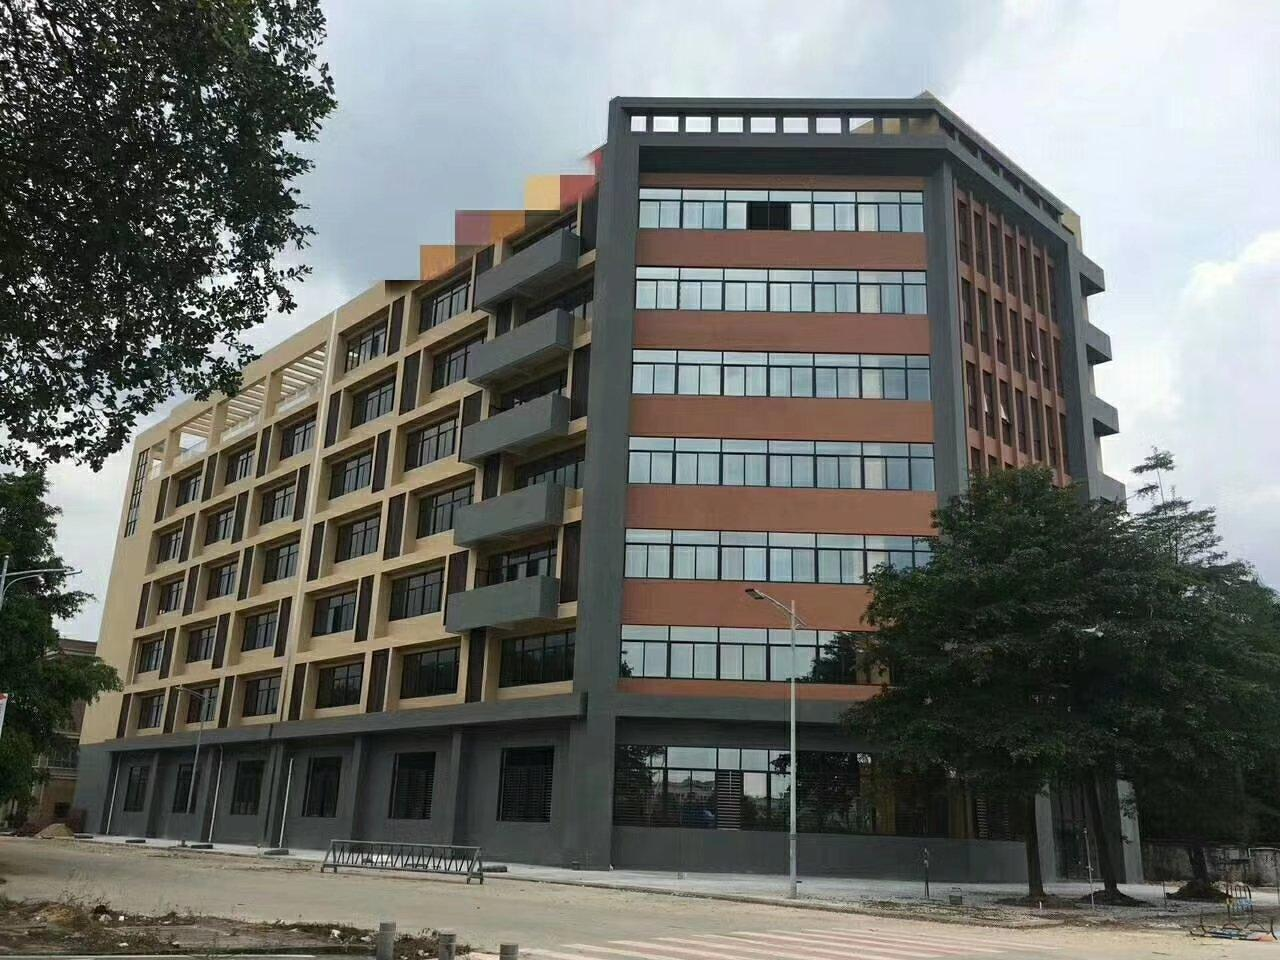 桥头镇新出原房东一楼2000平方。带装修